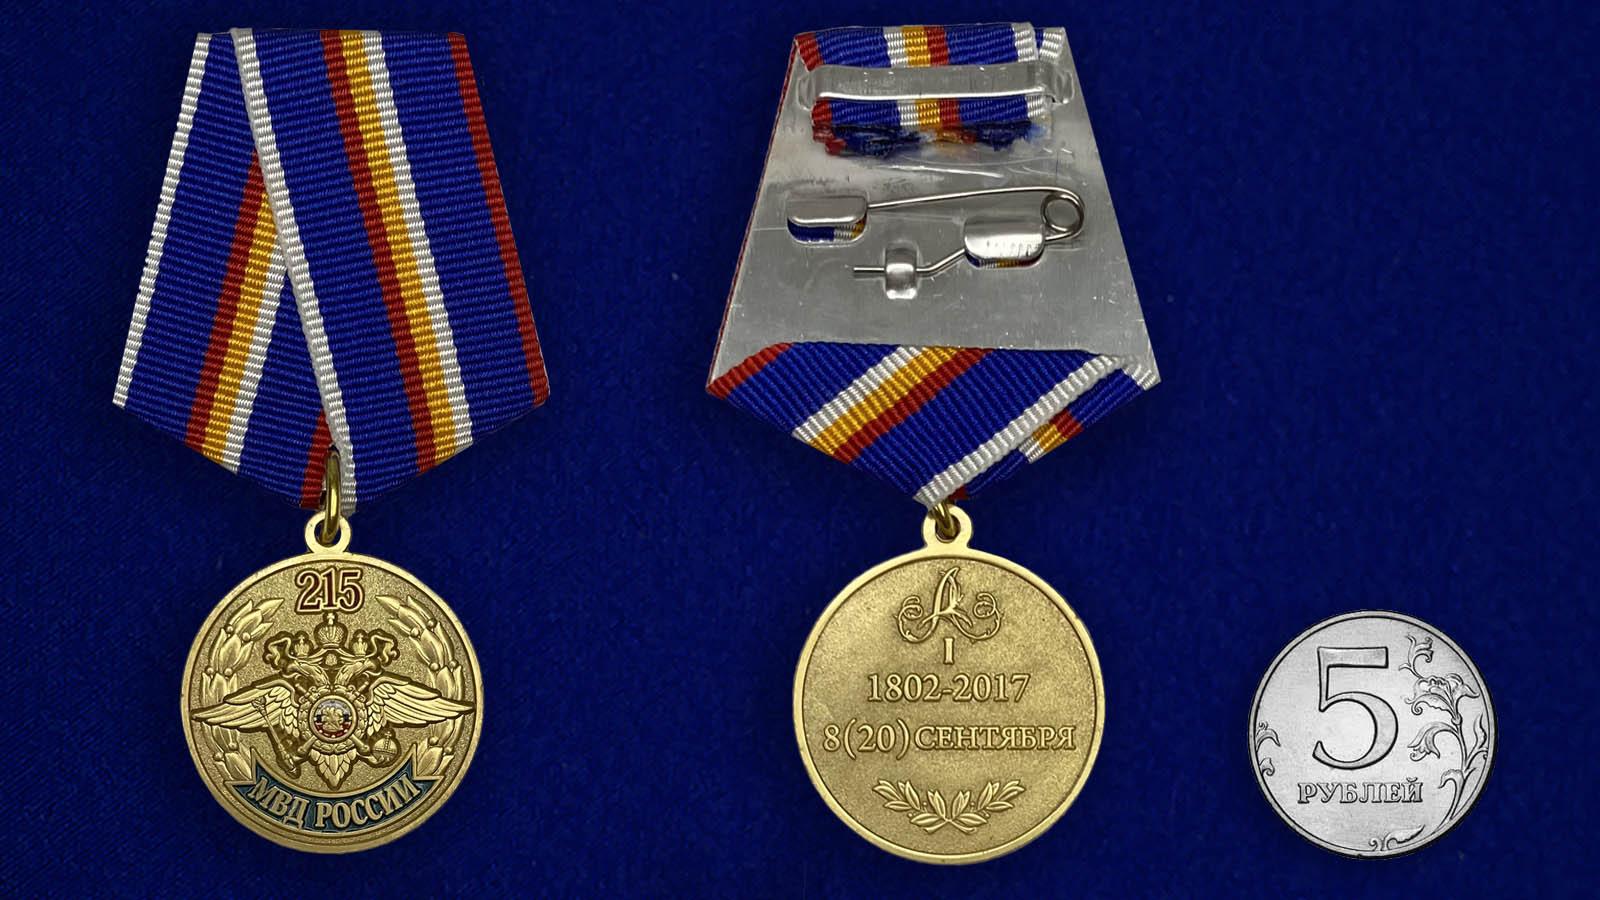 Юбилейная медаль 215 лет МВД России - сравнительный вид